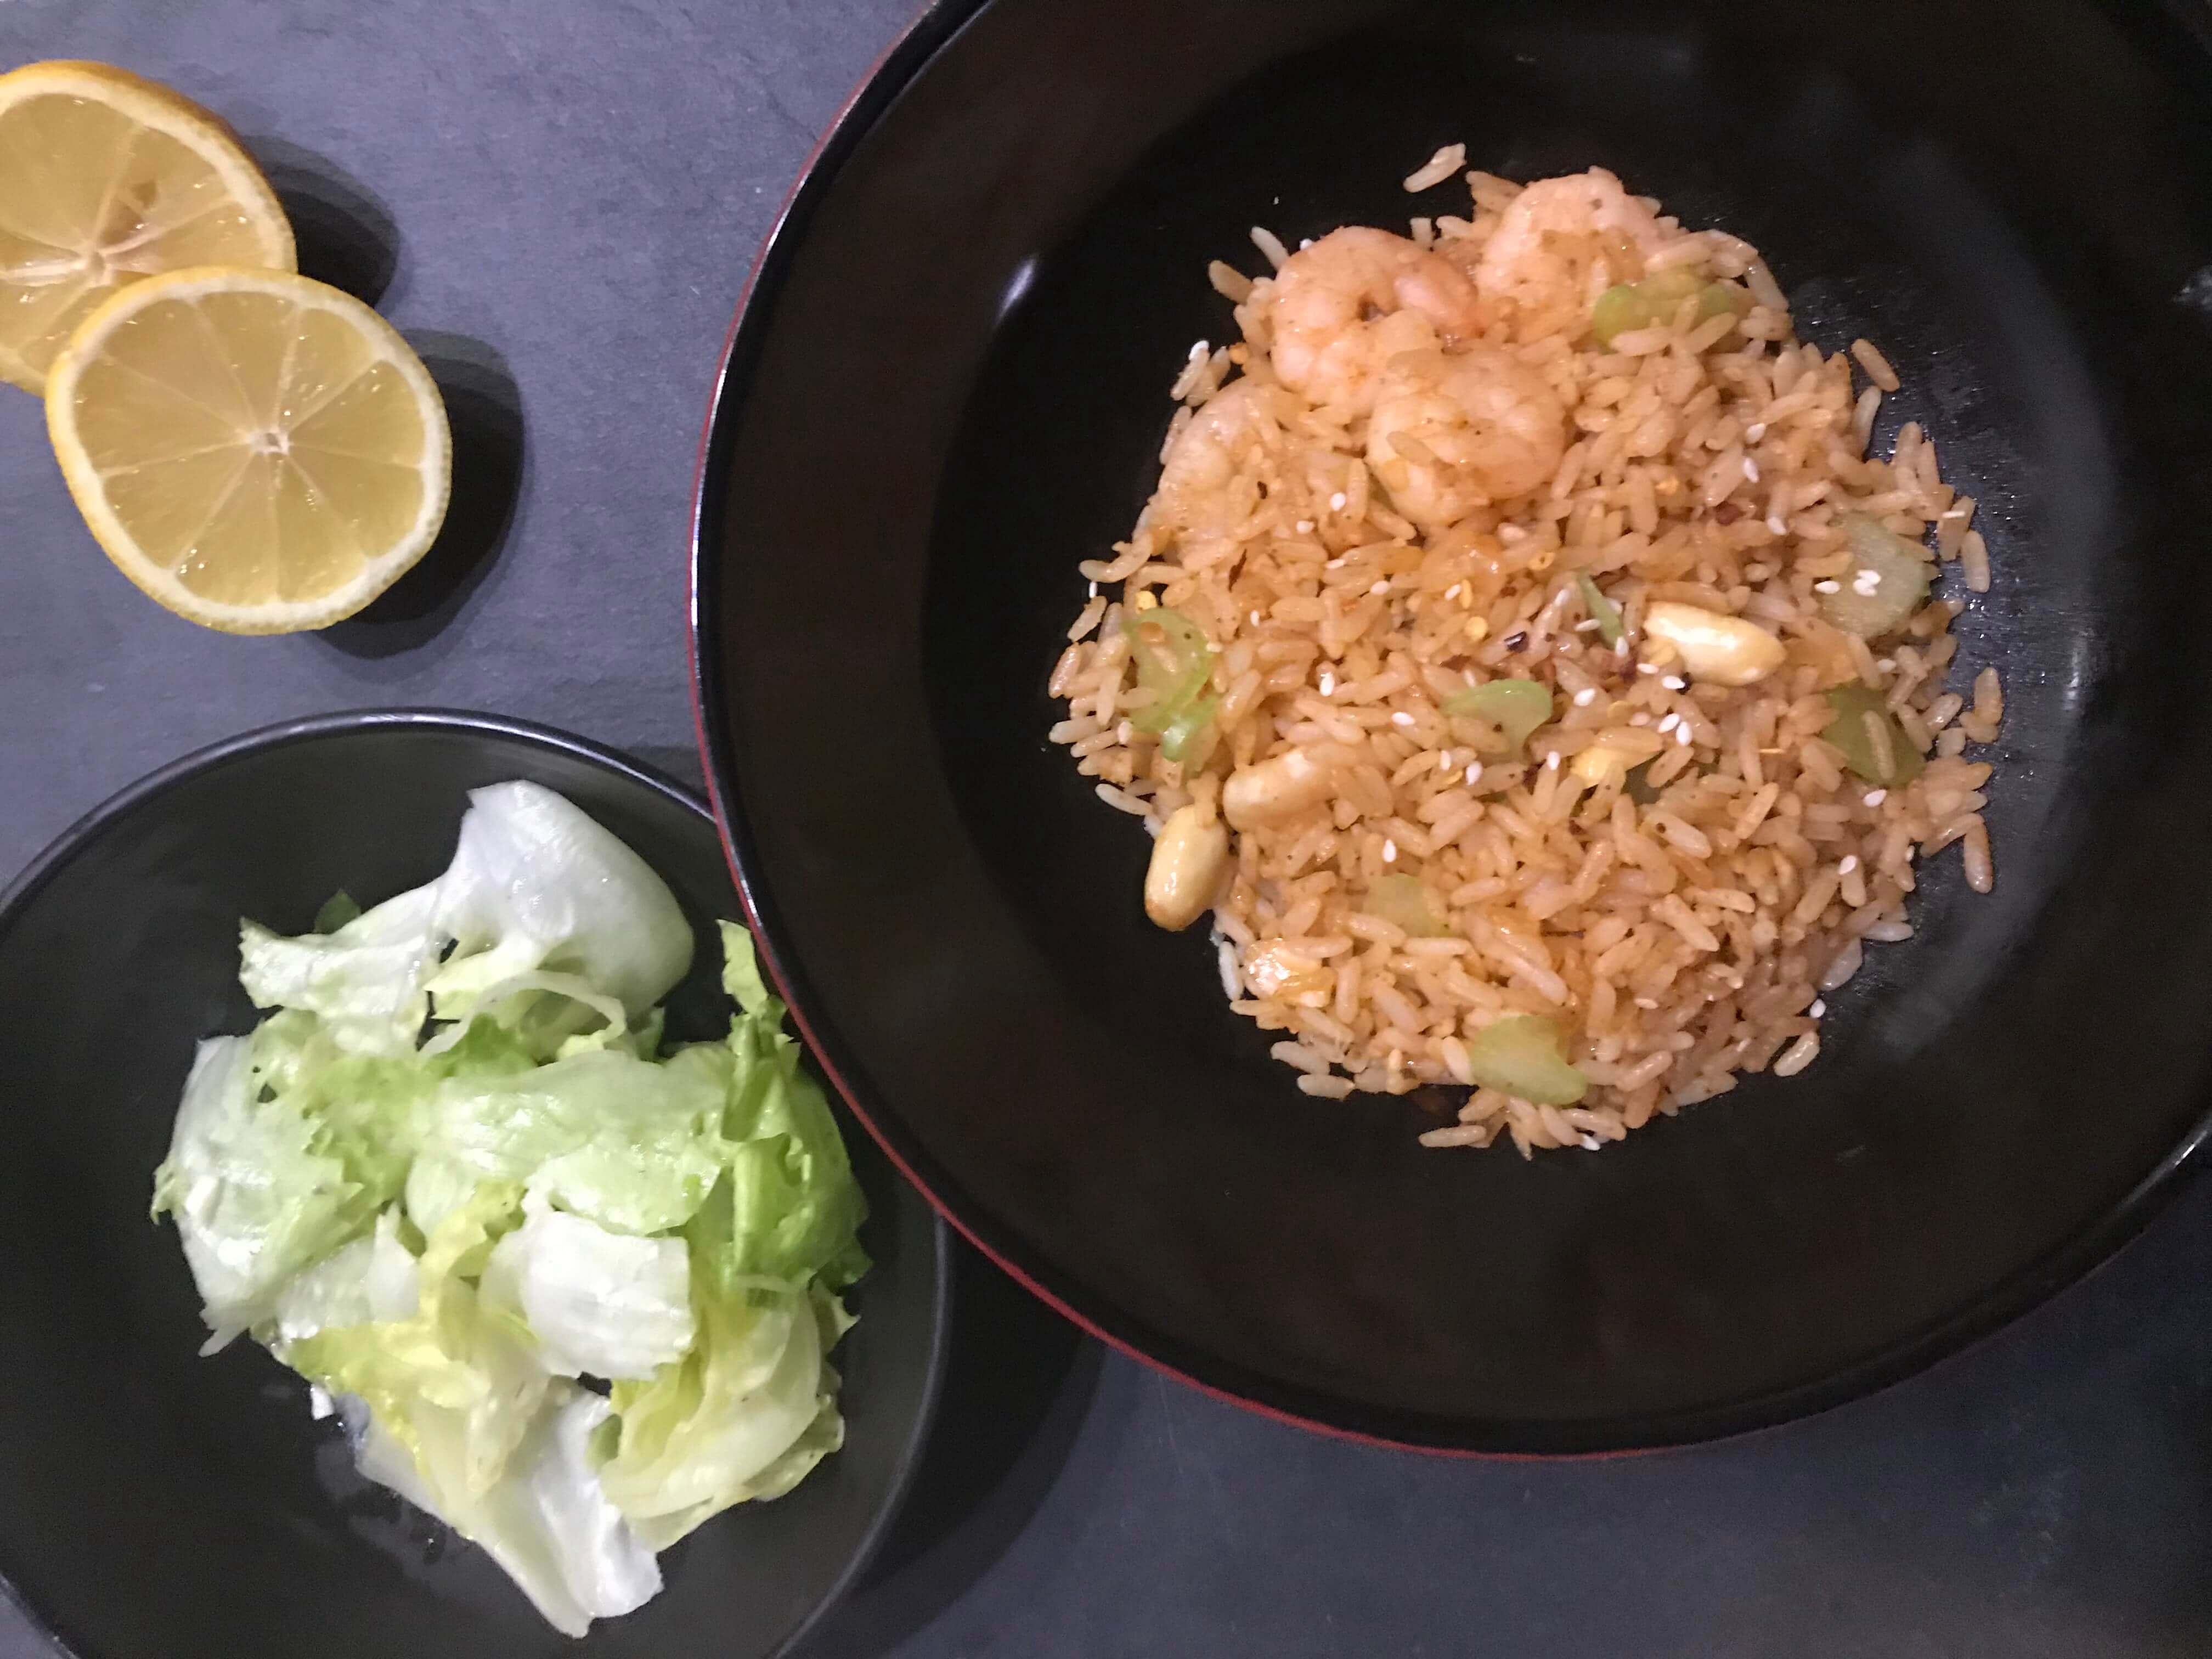 Waskochen Indische Reispfanne Mit Garnelen auf waskochen.at